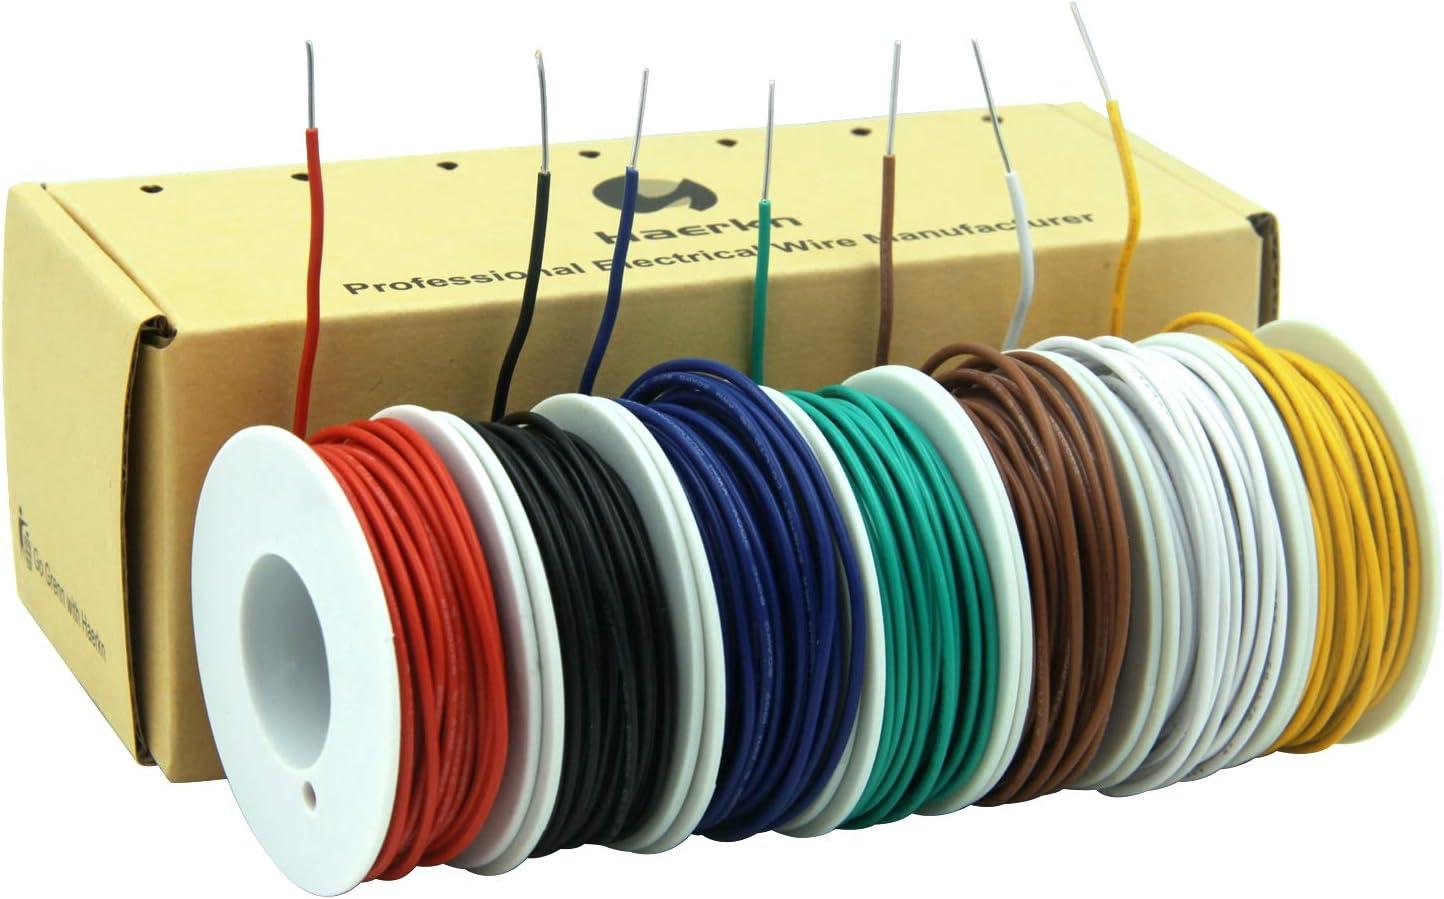 0.8mm² Cable eléctrico de PVC de 18awg 7 colores Alambres eléctricos kit Cable de cobre estañado sólido sin oxígeno DIY